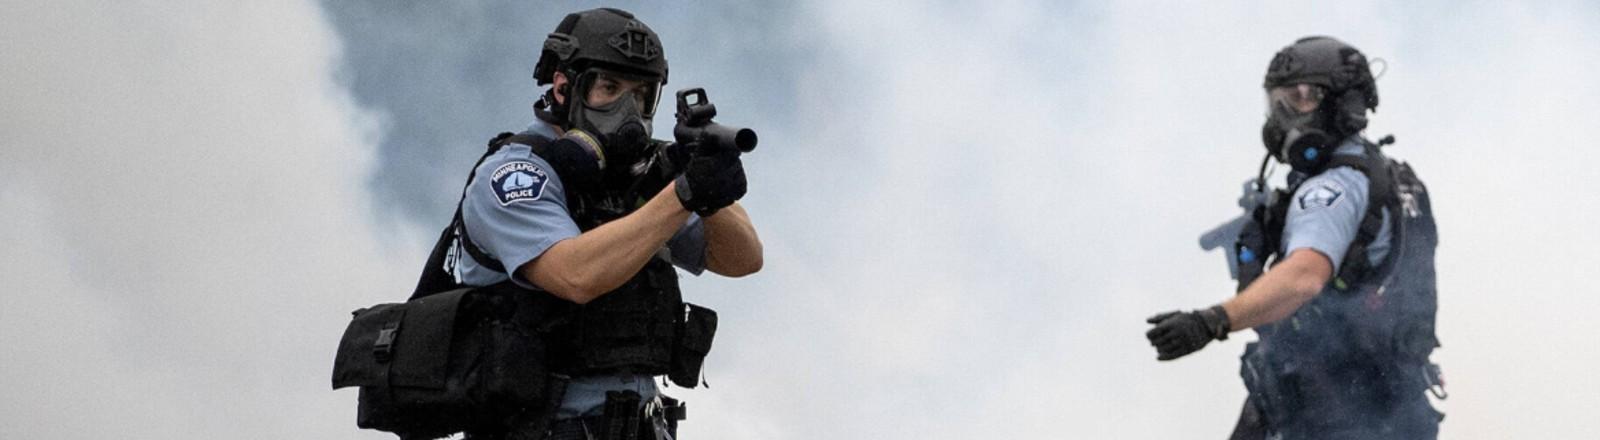 Polizistin in Minneapolis am 26. Mai 2020